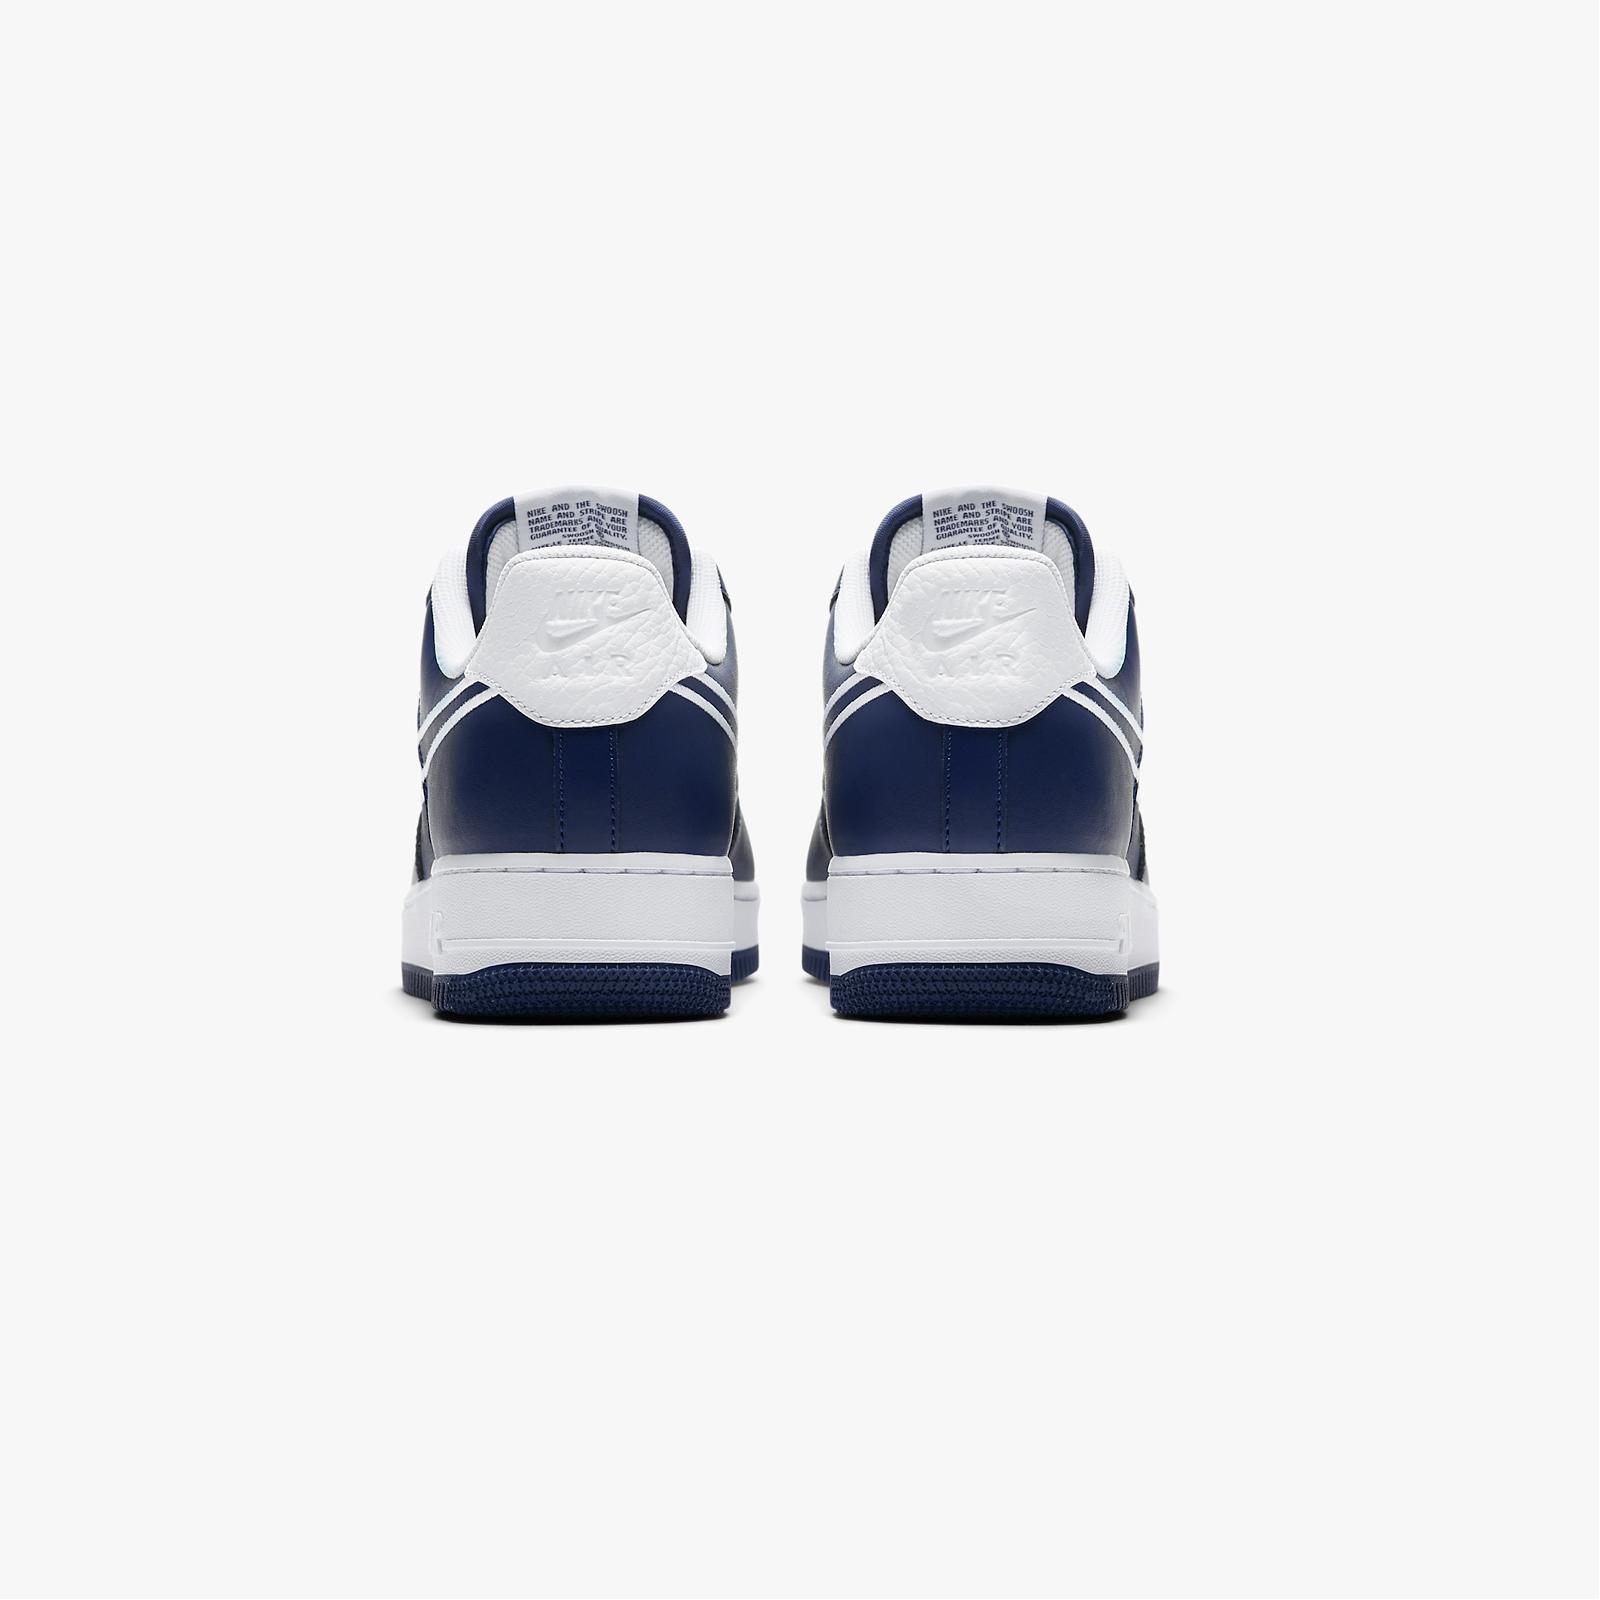 660e5556a2b Nike Air Force 1 07 - Aj7280-400 - Sneakersnstuff